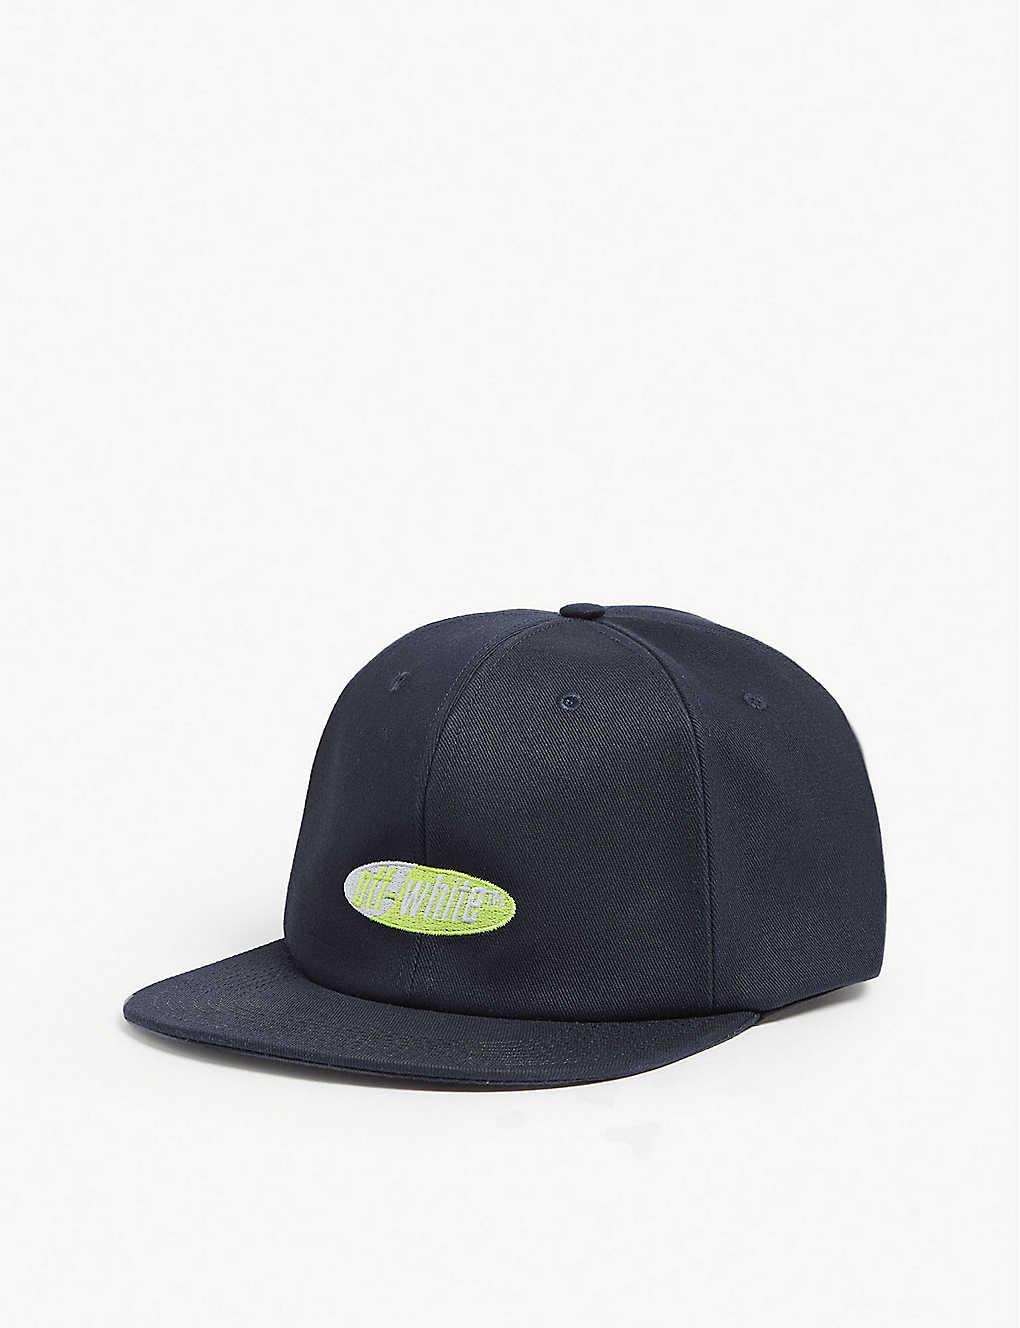 OFF-WHITE C O VIRGIL ABLOH - Split logo cotton snapback cap ... af68a14941c